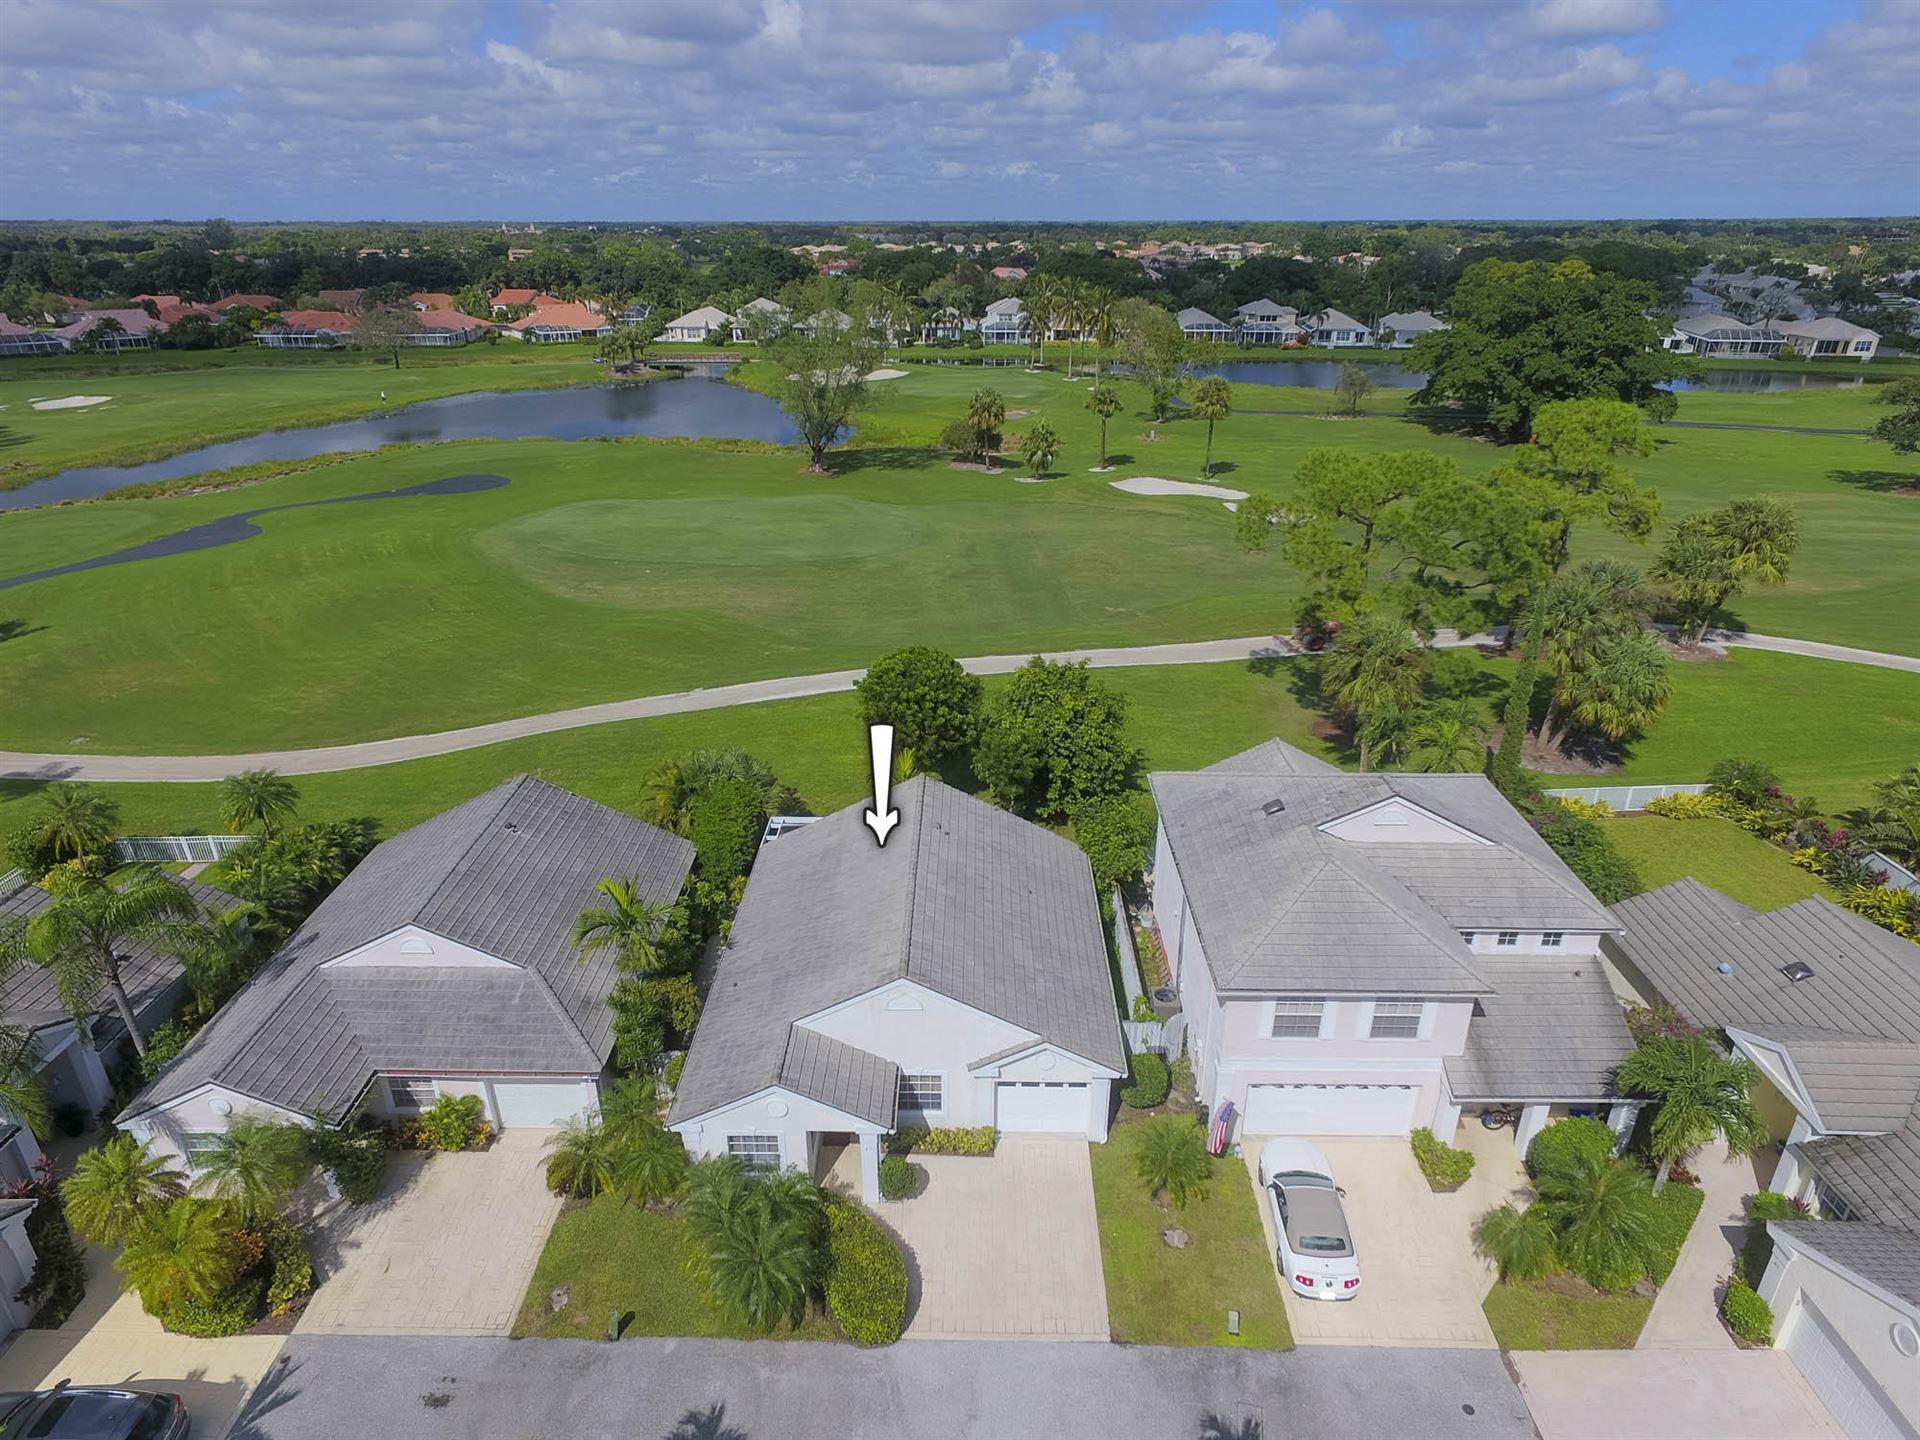 Photo of 43 Admirals Court, Palm Beach Gardens, FL 33418 (MLS # RX-10664498)